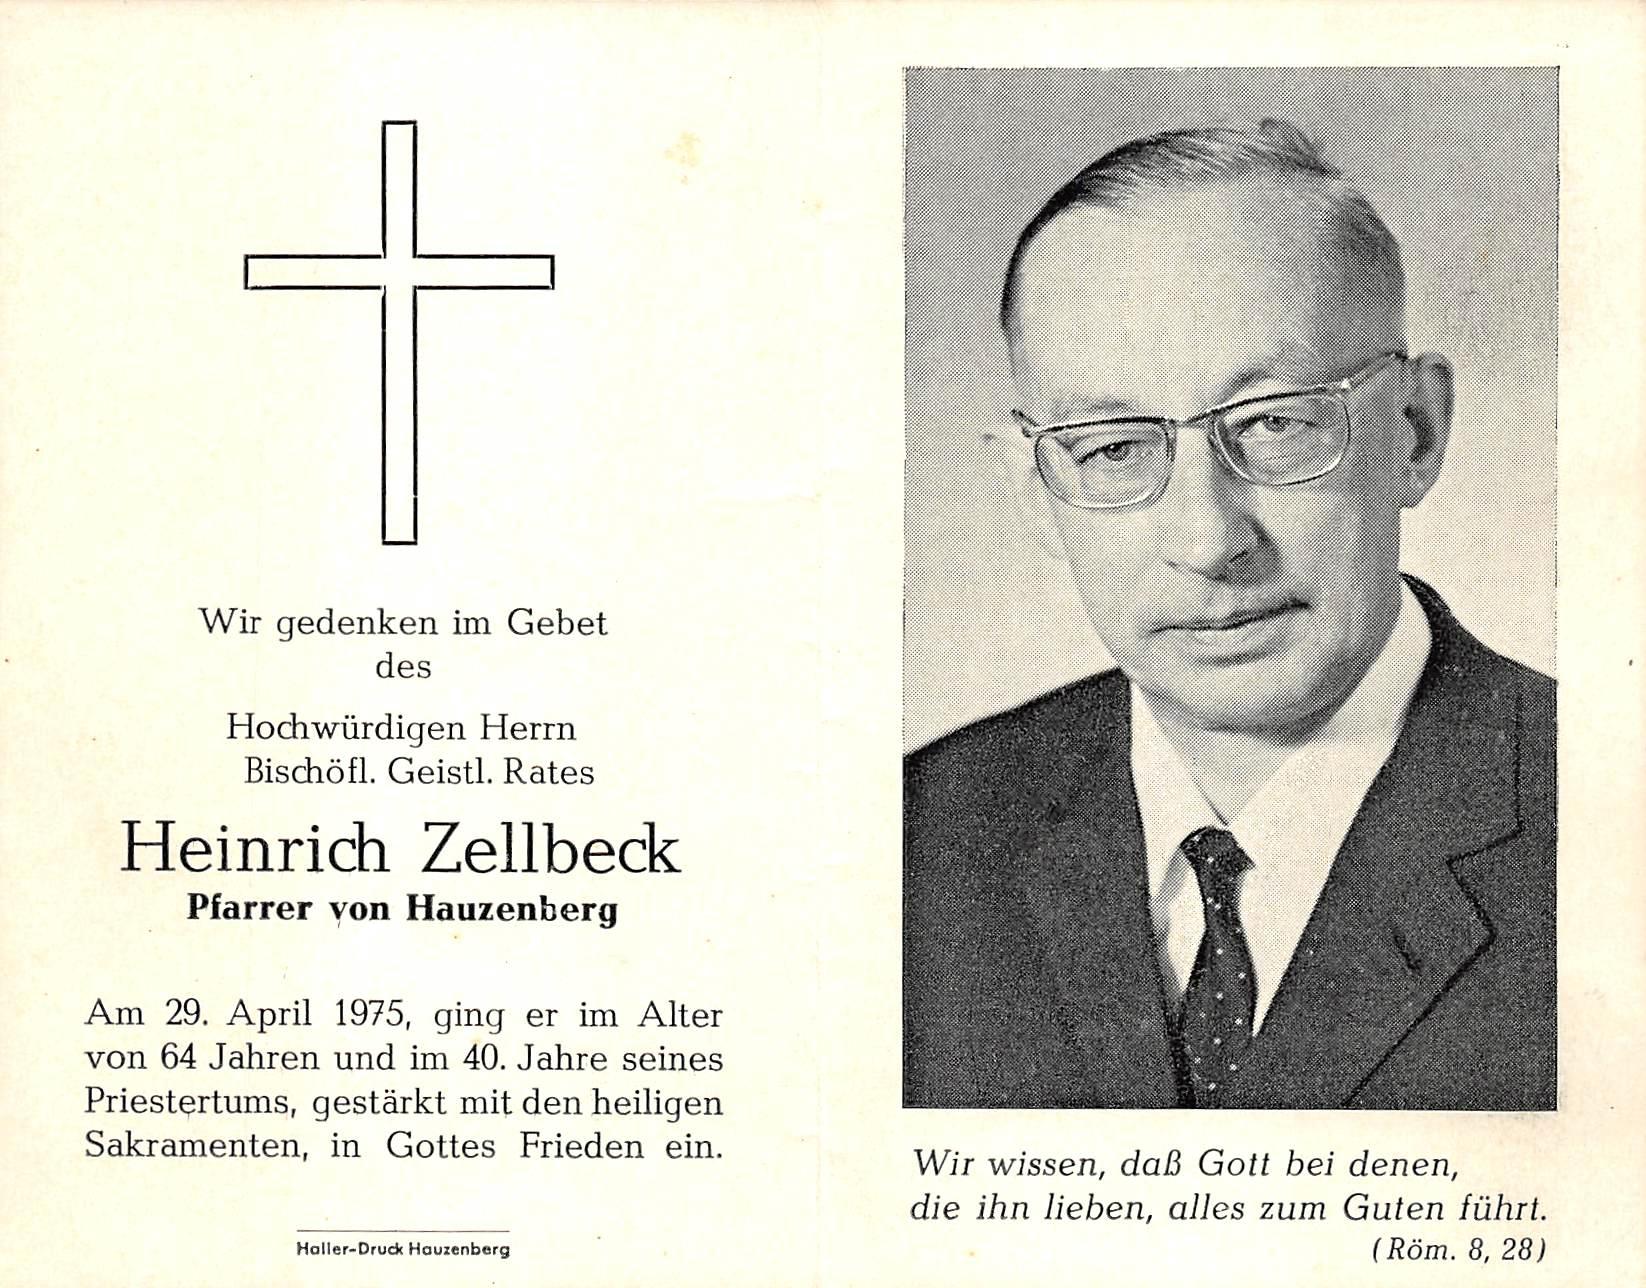 1975-04-29-Zellbeck-Heinrich-Hauzenberg-Pfarrer